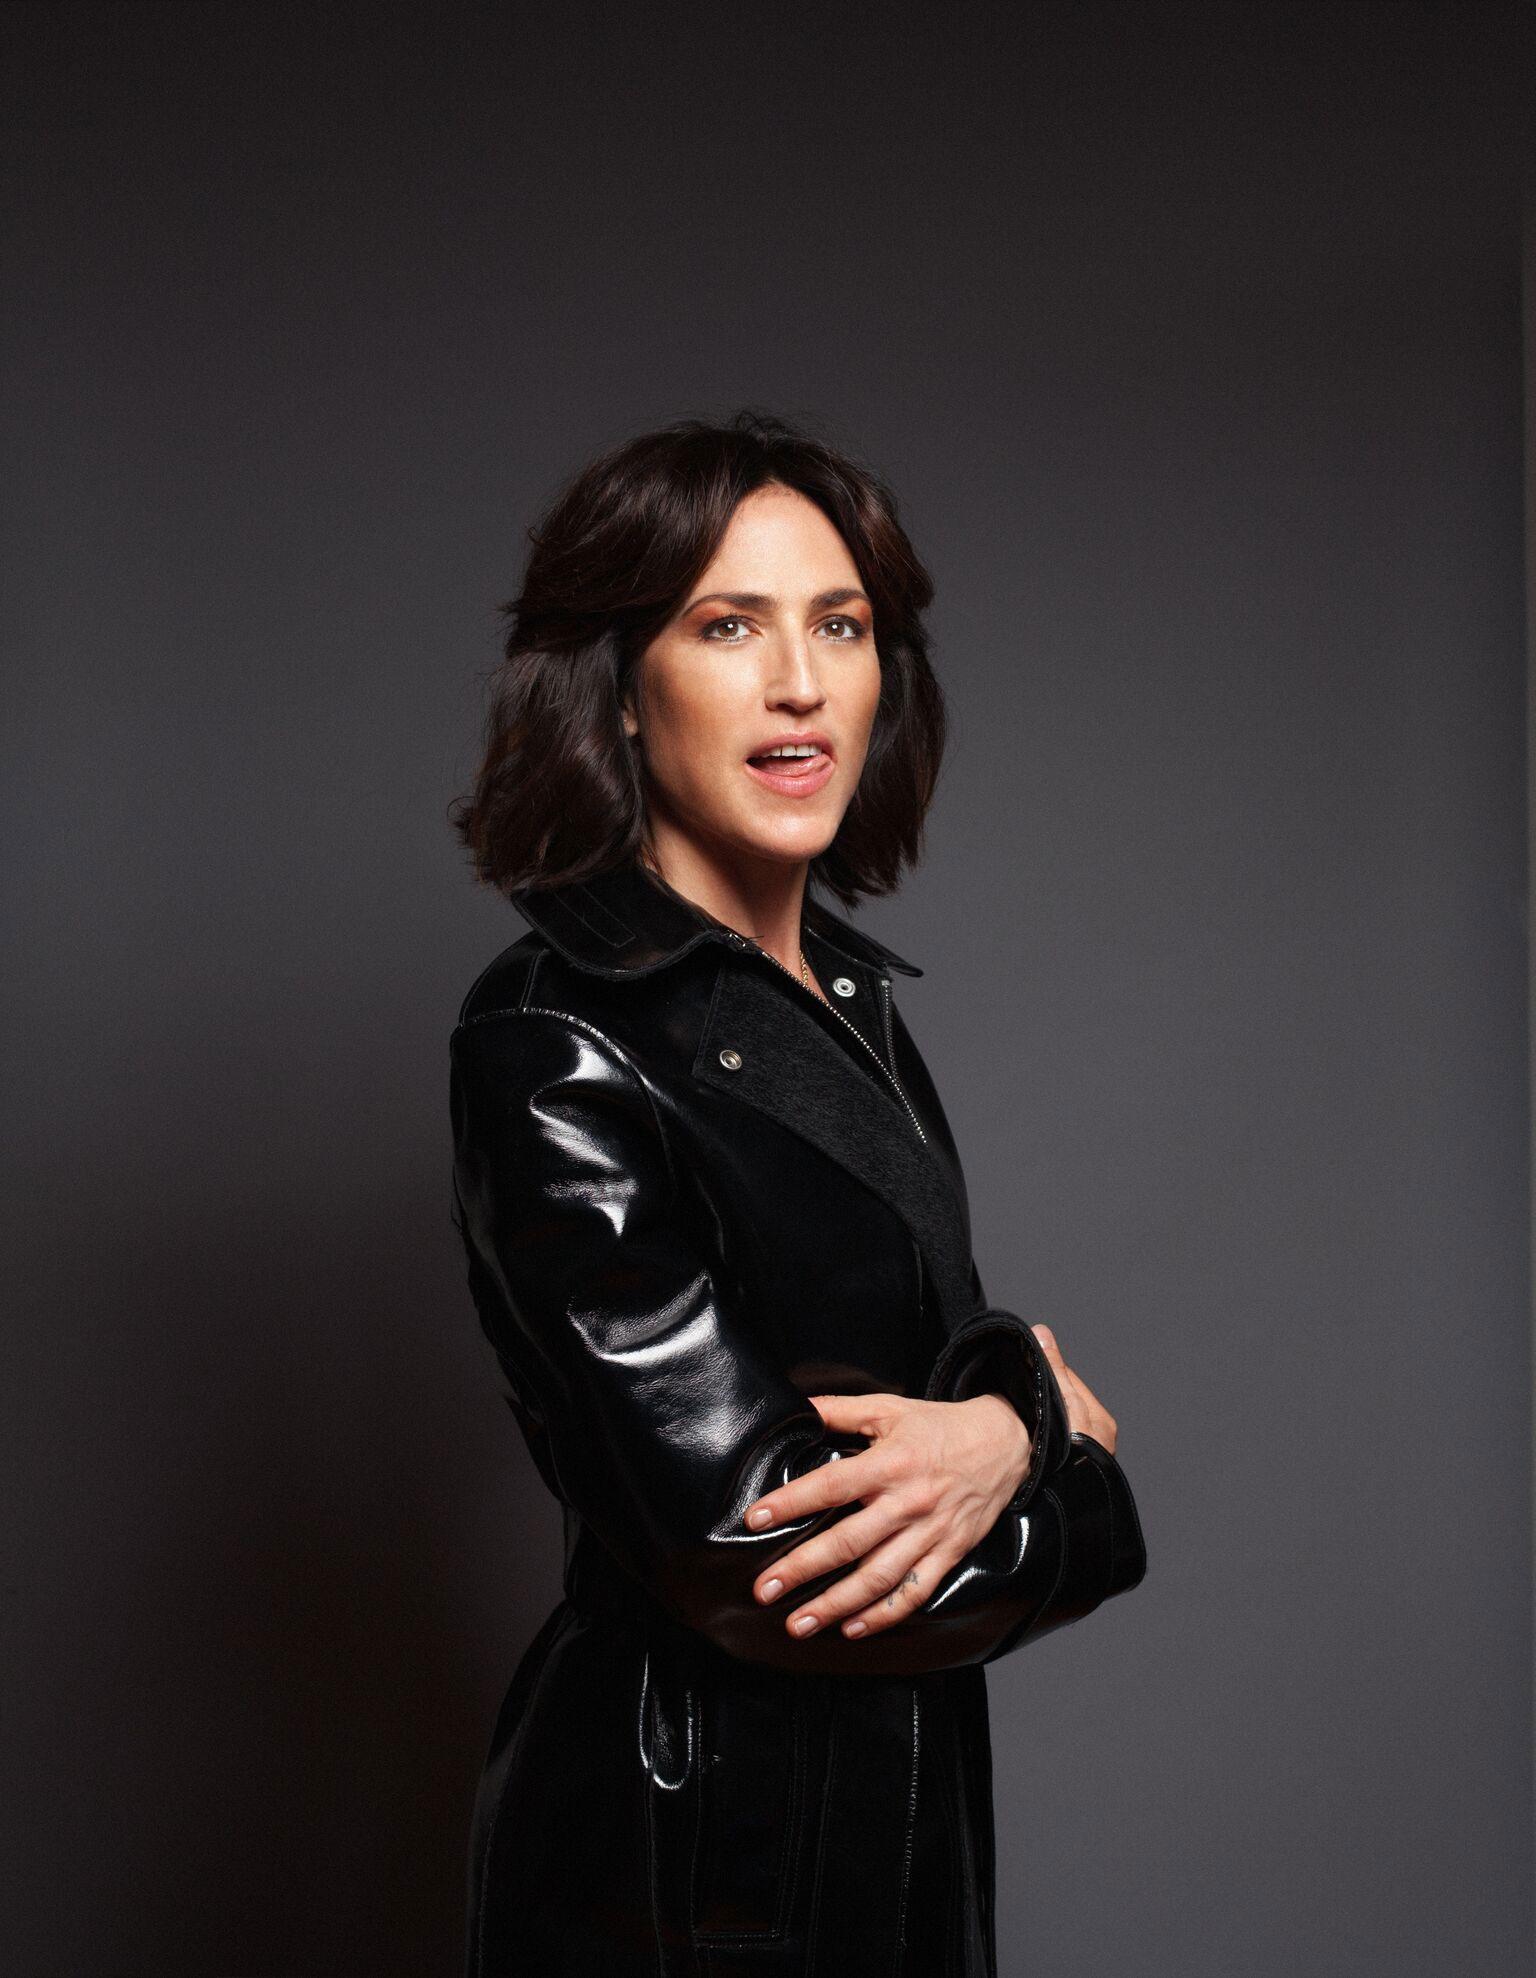 JoanWasser-AllisonMichaelOrenstein-WEB-ONLY